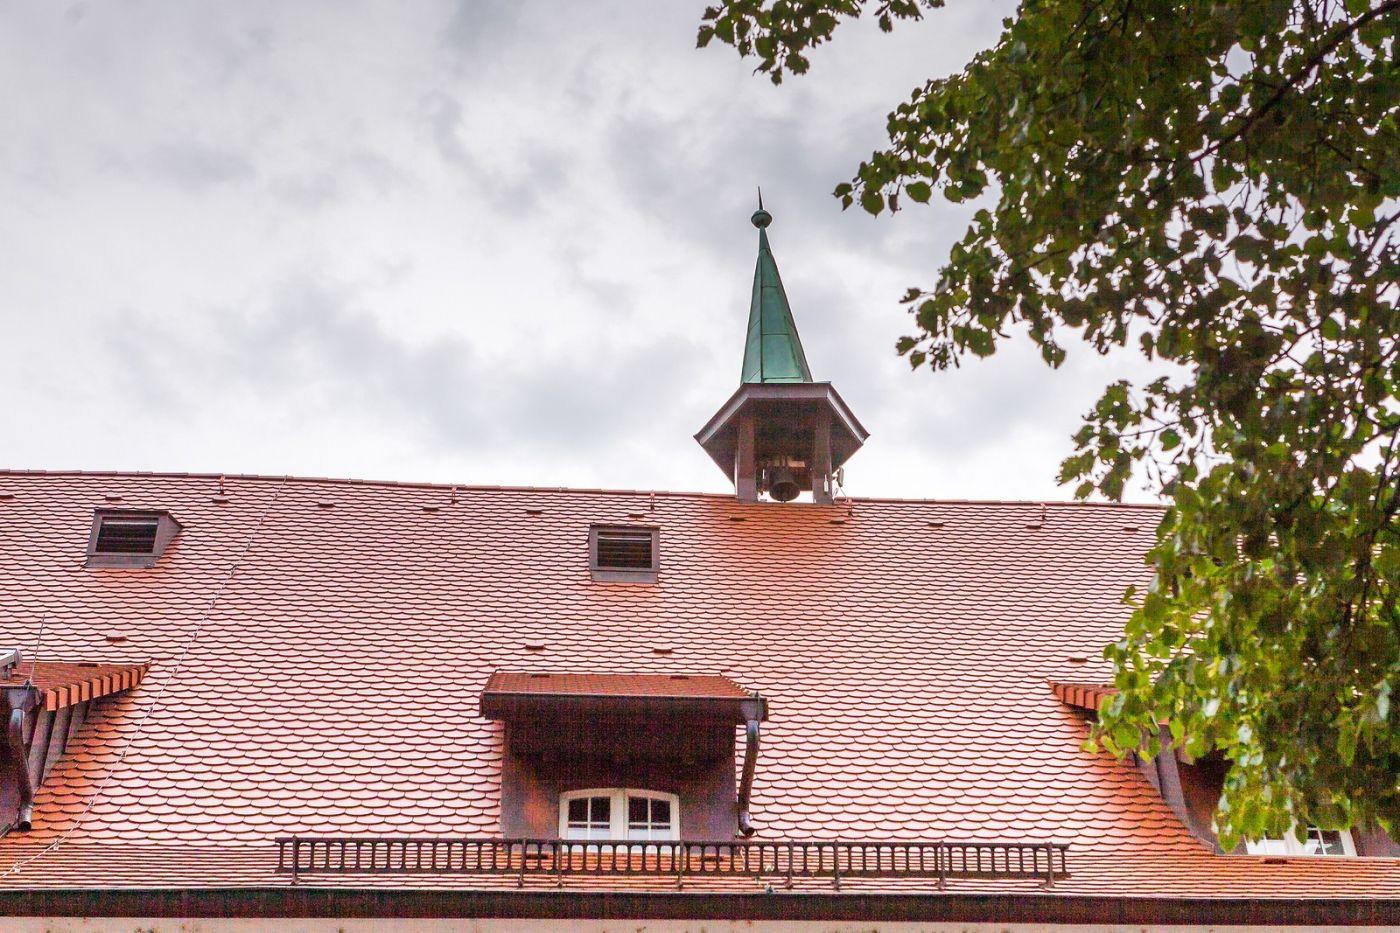 德国布赖萨赫(Breisach),城小历史久_图1-32